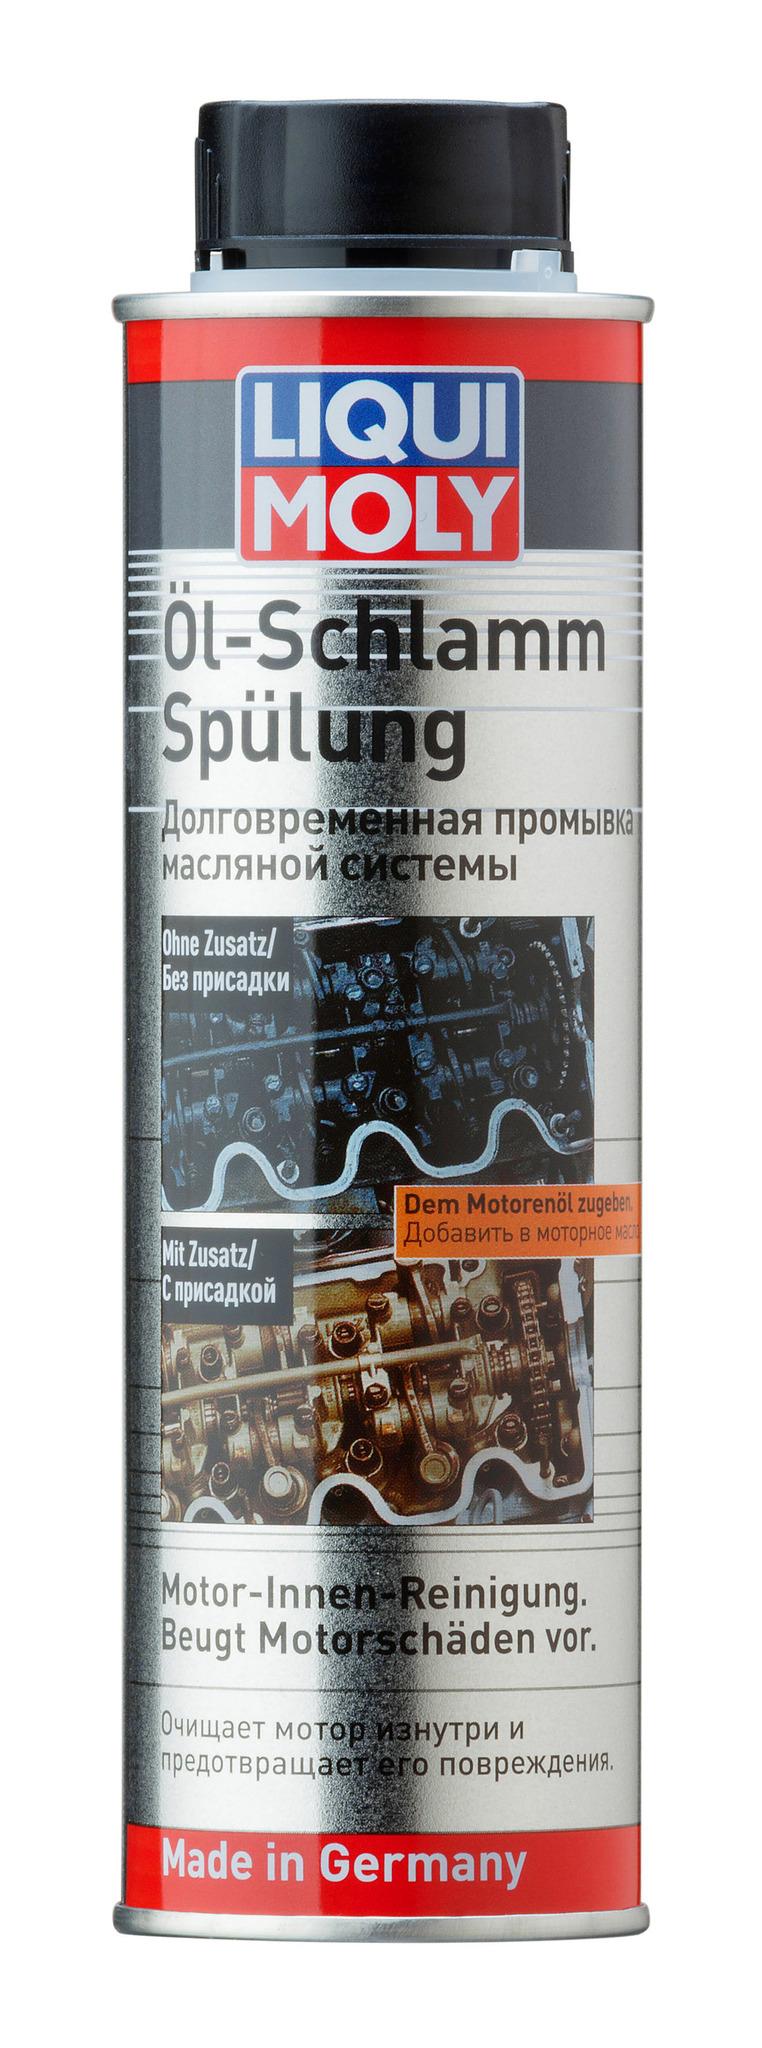 Liqui Moly Oil Schlamm Spulung  Долговременная промывка масляной системы